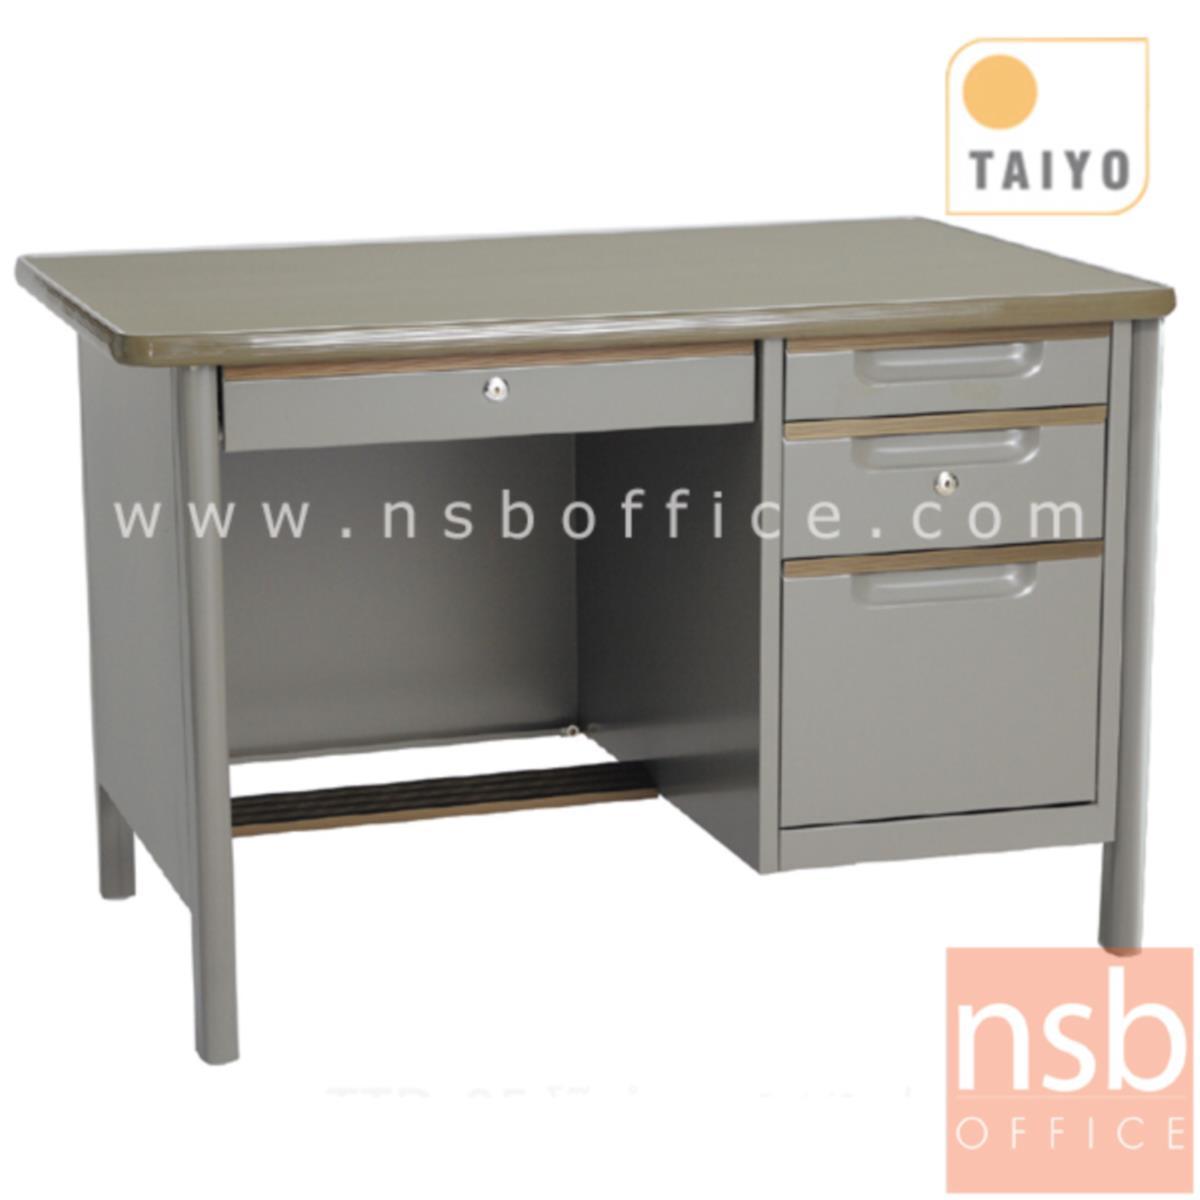 E02A046:โต๊ะทำงาน 4 ลิ้นชักขากล่อง  รุ่น TTD ขนาด 3.5 ,4 ฟุต มือจับอลูมิเนียมพร้อมกุญแจล็อค